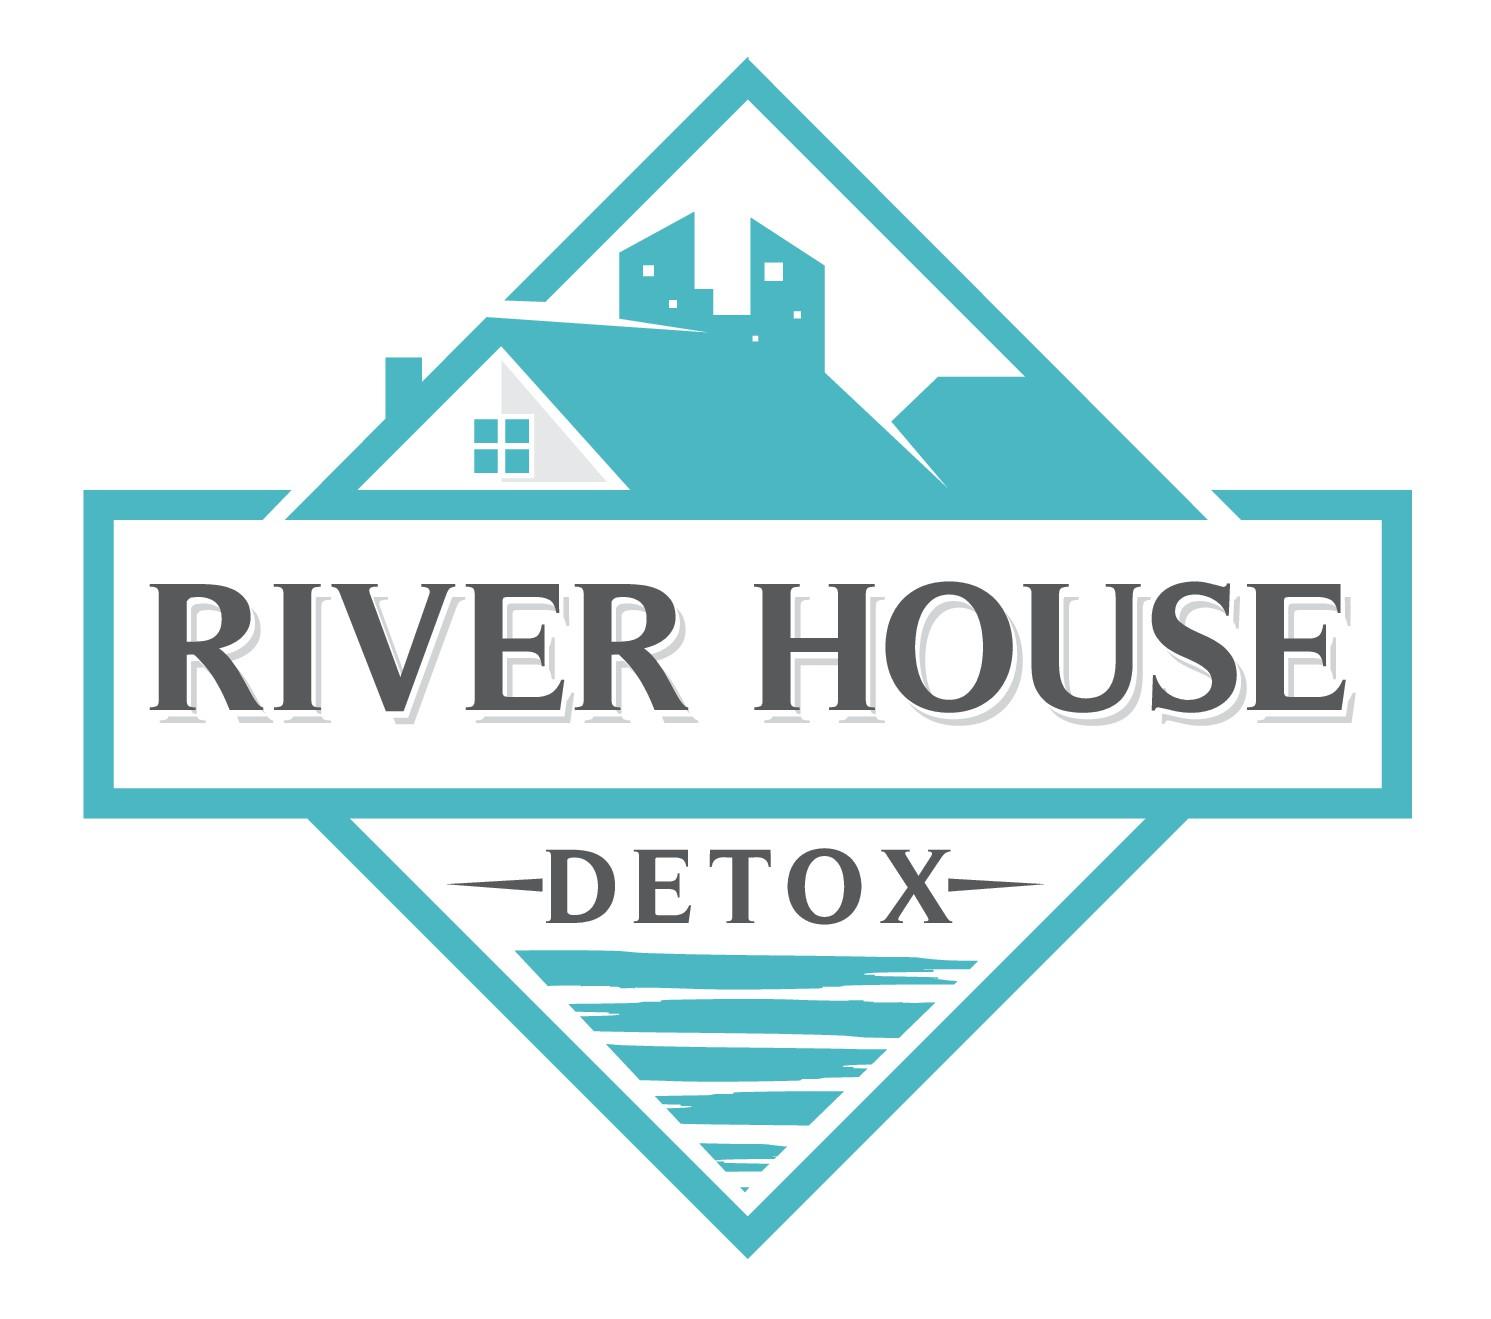 Logo for drug detox center